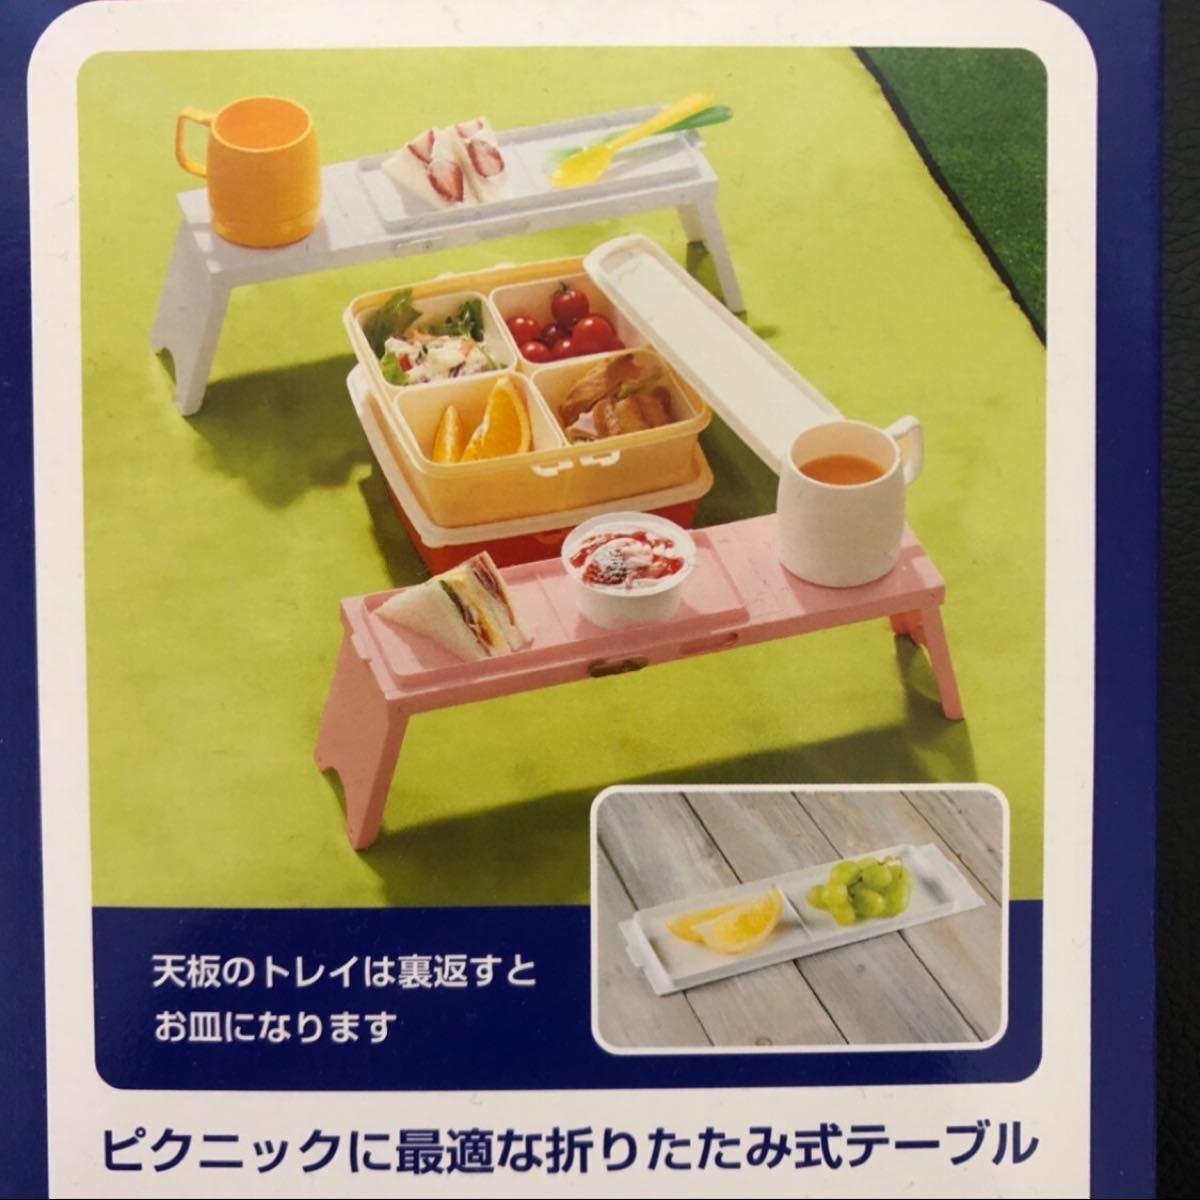 【匿名配送】新品 アウトドア テーブル Picno ピクノ 1台(ホワイト)